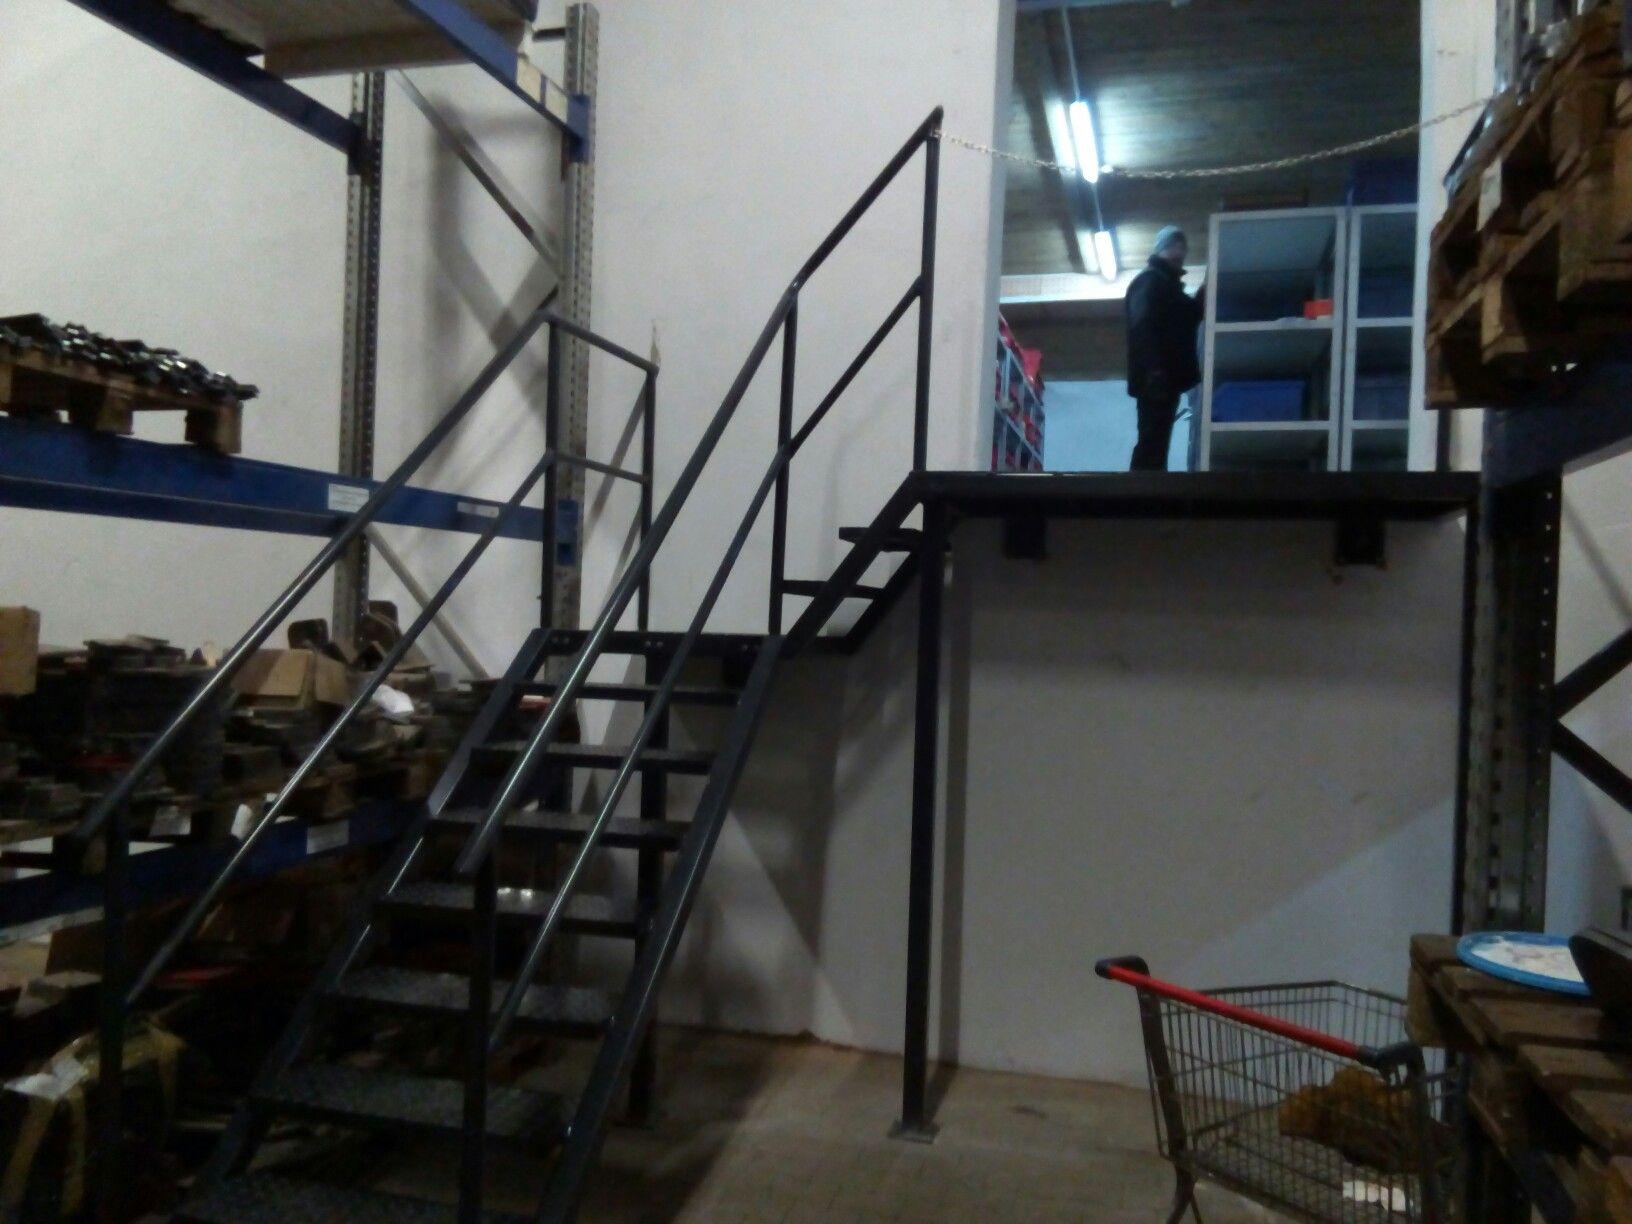 Schody Magazynowe/warehouse Stairs.